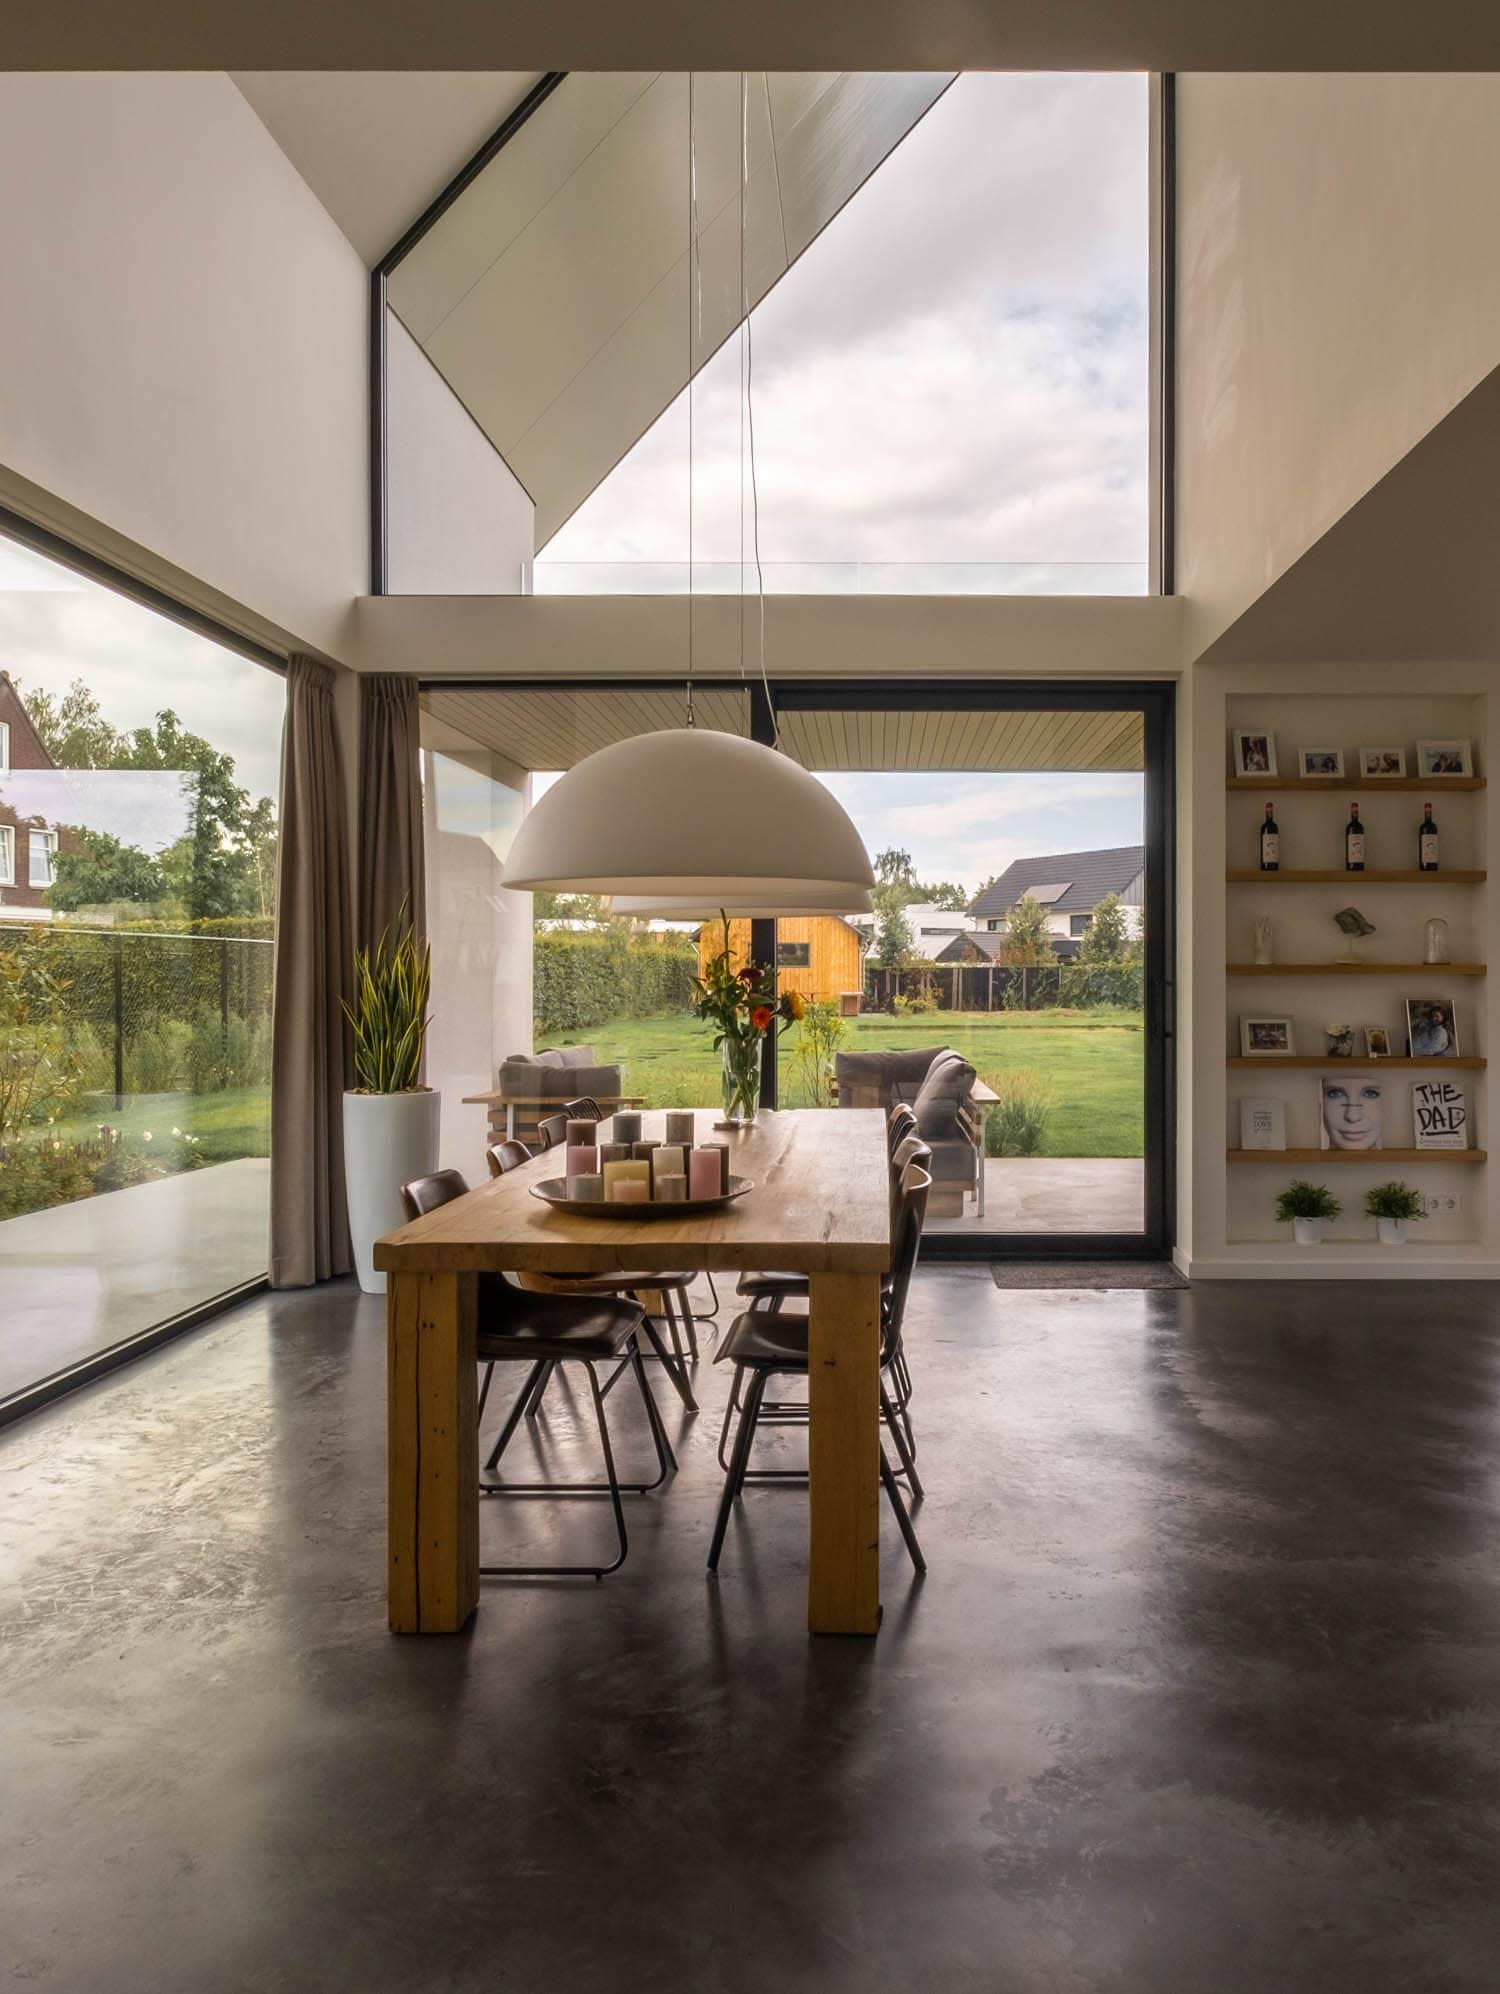 van-os-architecten-breda-nieuwbouw-woning-in-gevelstucwerk-en-stalen-dak-hoge-gouw-teteringen-woonkamer-richting-vide-keuken-en-tuin